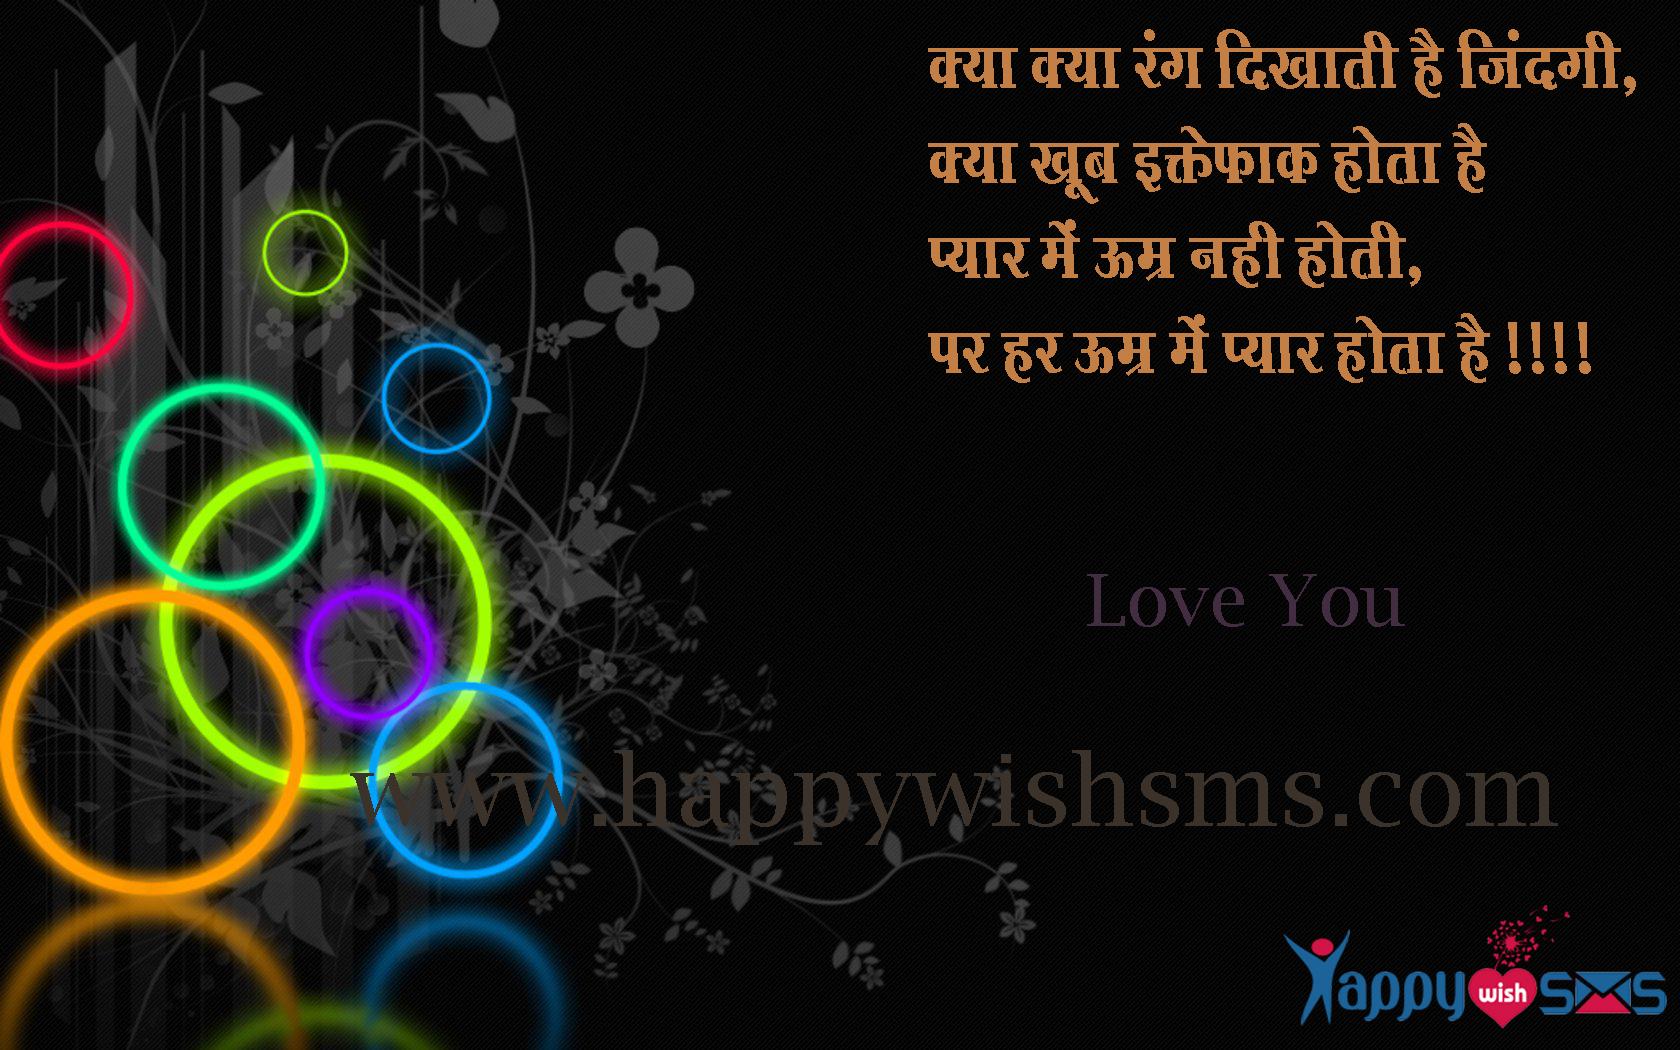 2 Line Shayari :क्या क्या रंग दिखाती है जिंदगी,